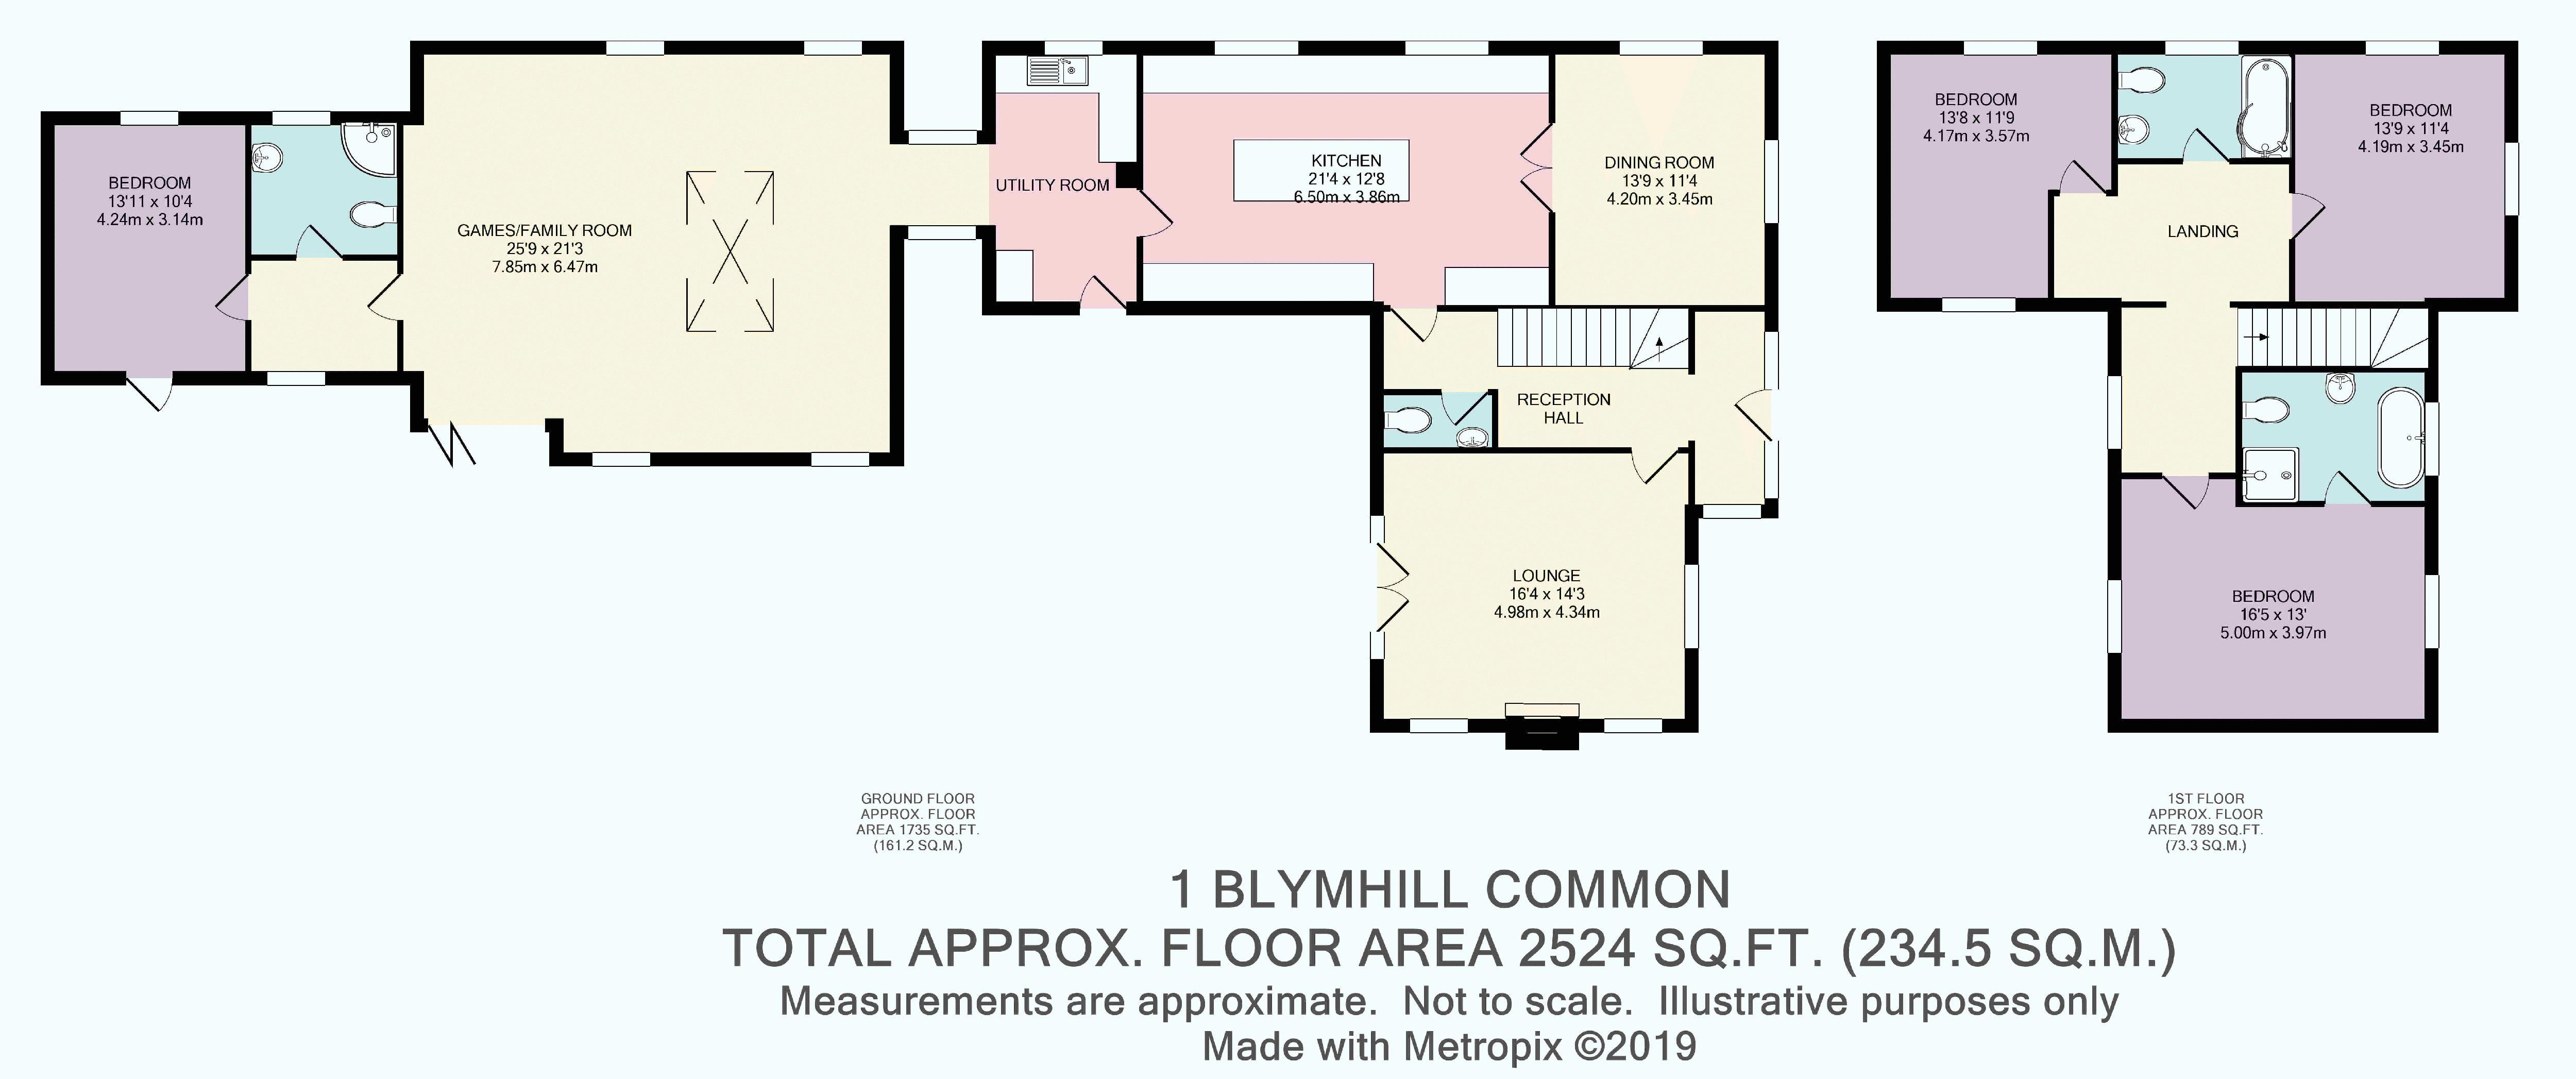 Blymhill Common